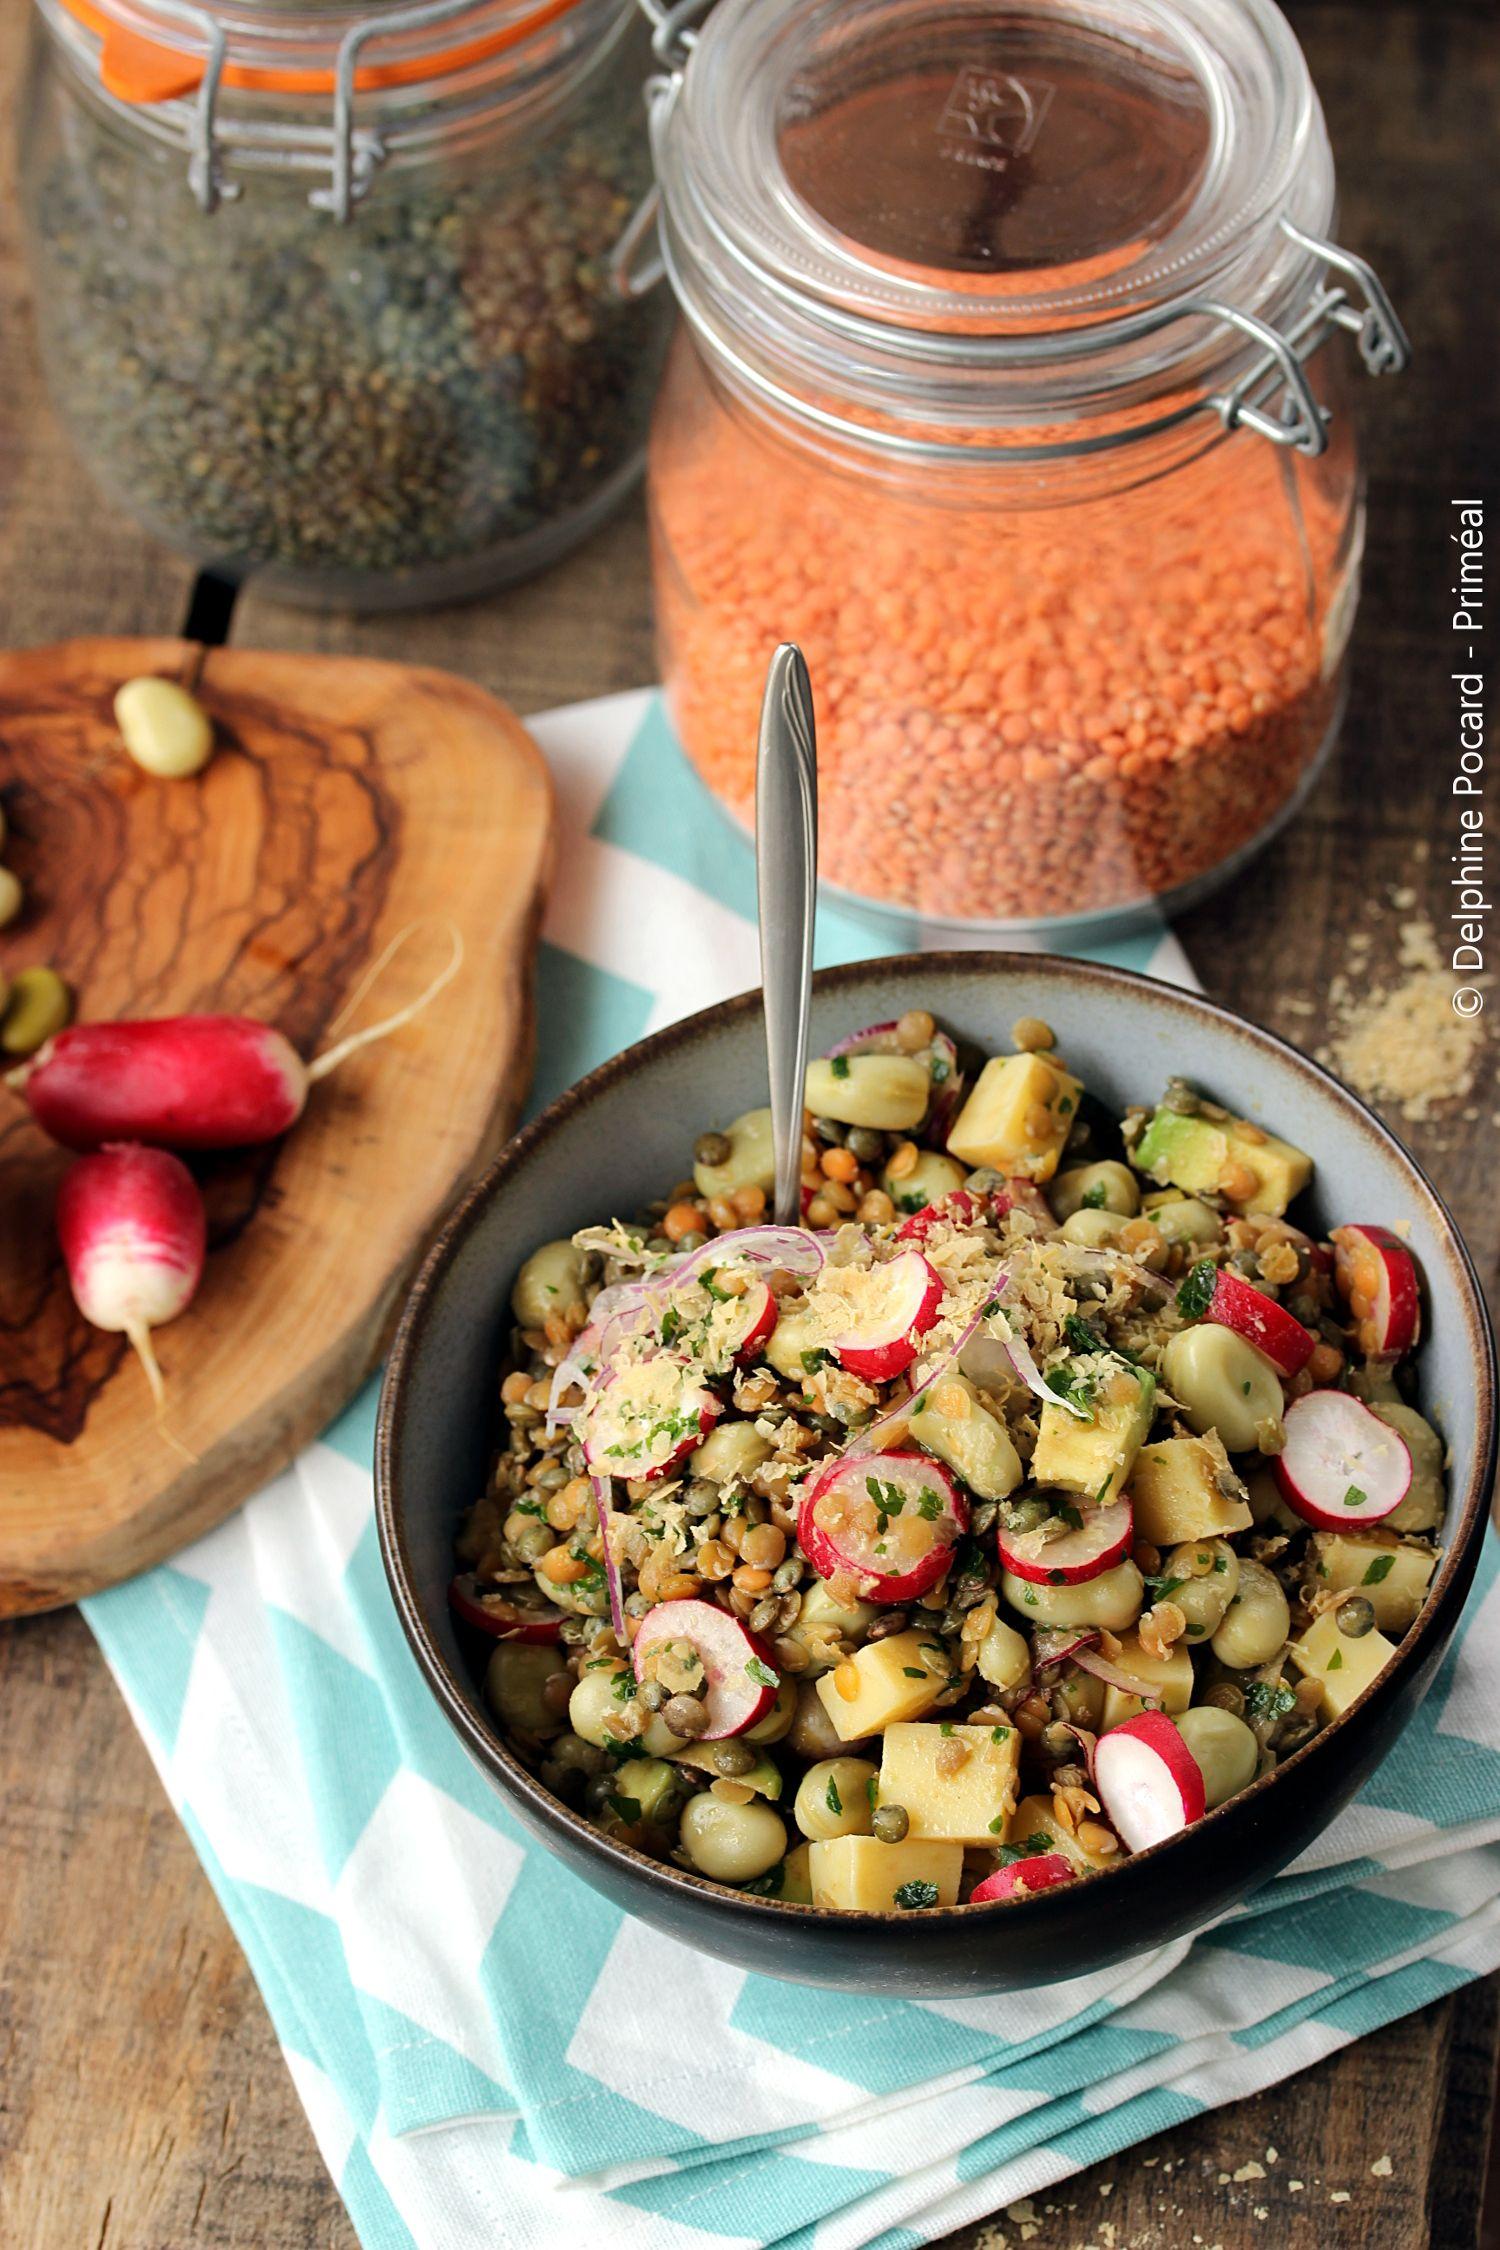 Recette végétarienne - Salade gourmande de lentilles et ...